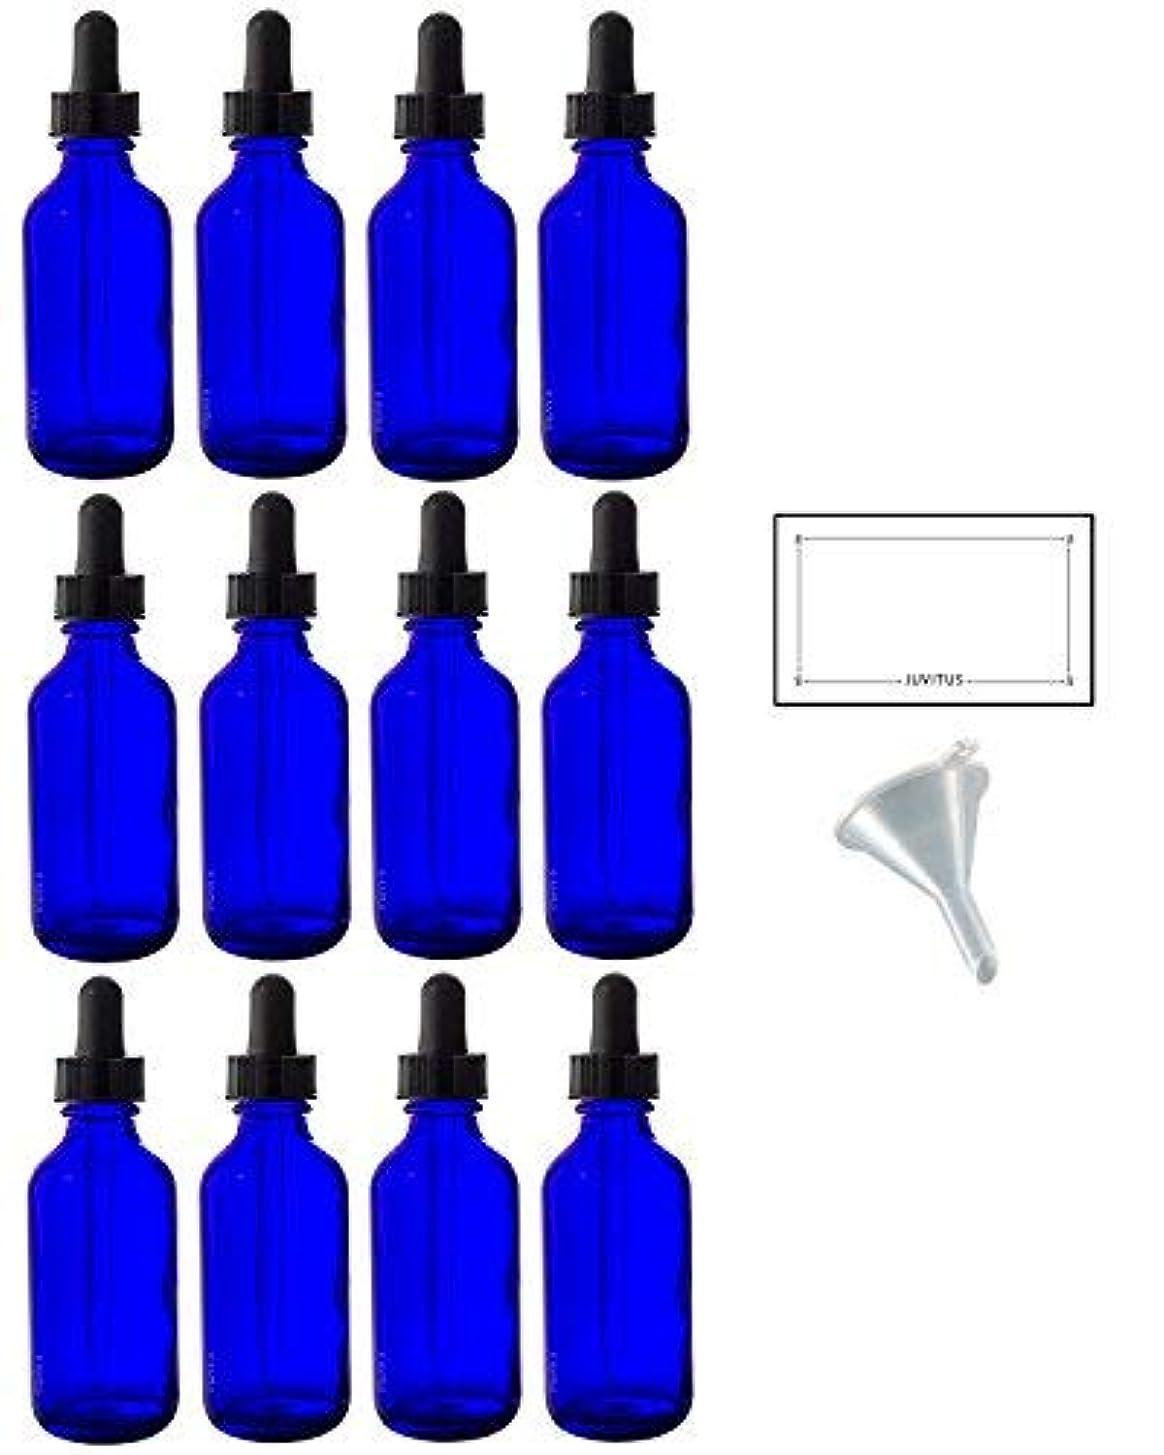 超高層ビル却下するコンテスト2 oz Cobalt Blue Glass Boston Round Dropper Bottle (12 pack) + Funnel and Labels for essential oils, aromatherapy...